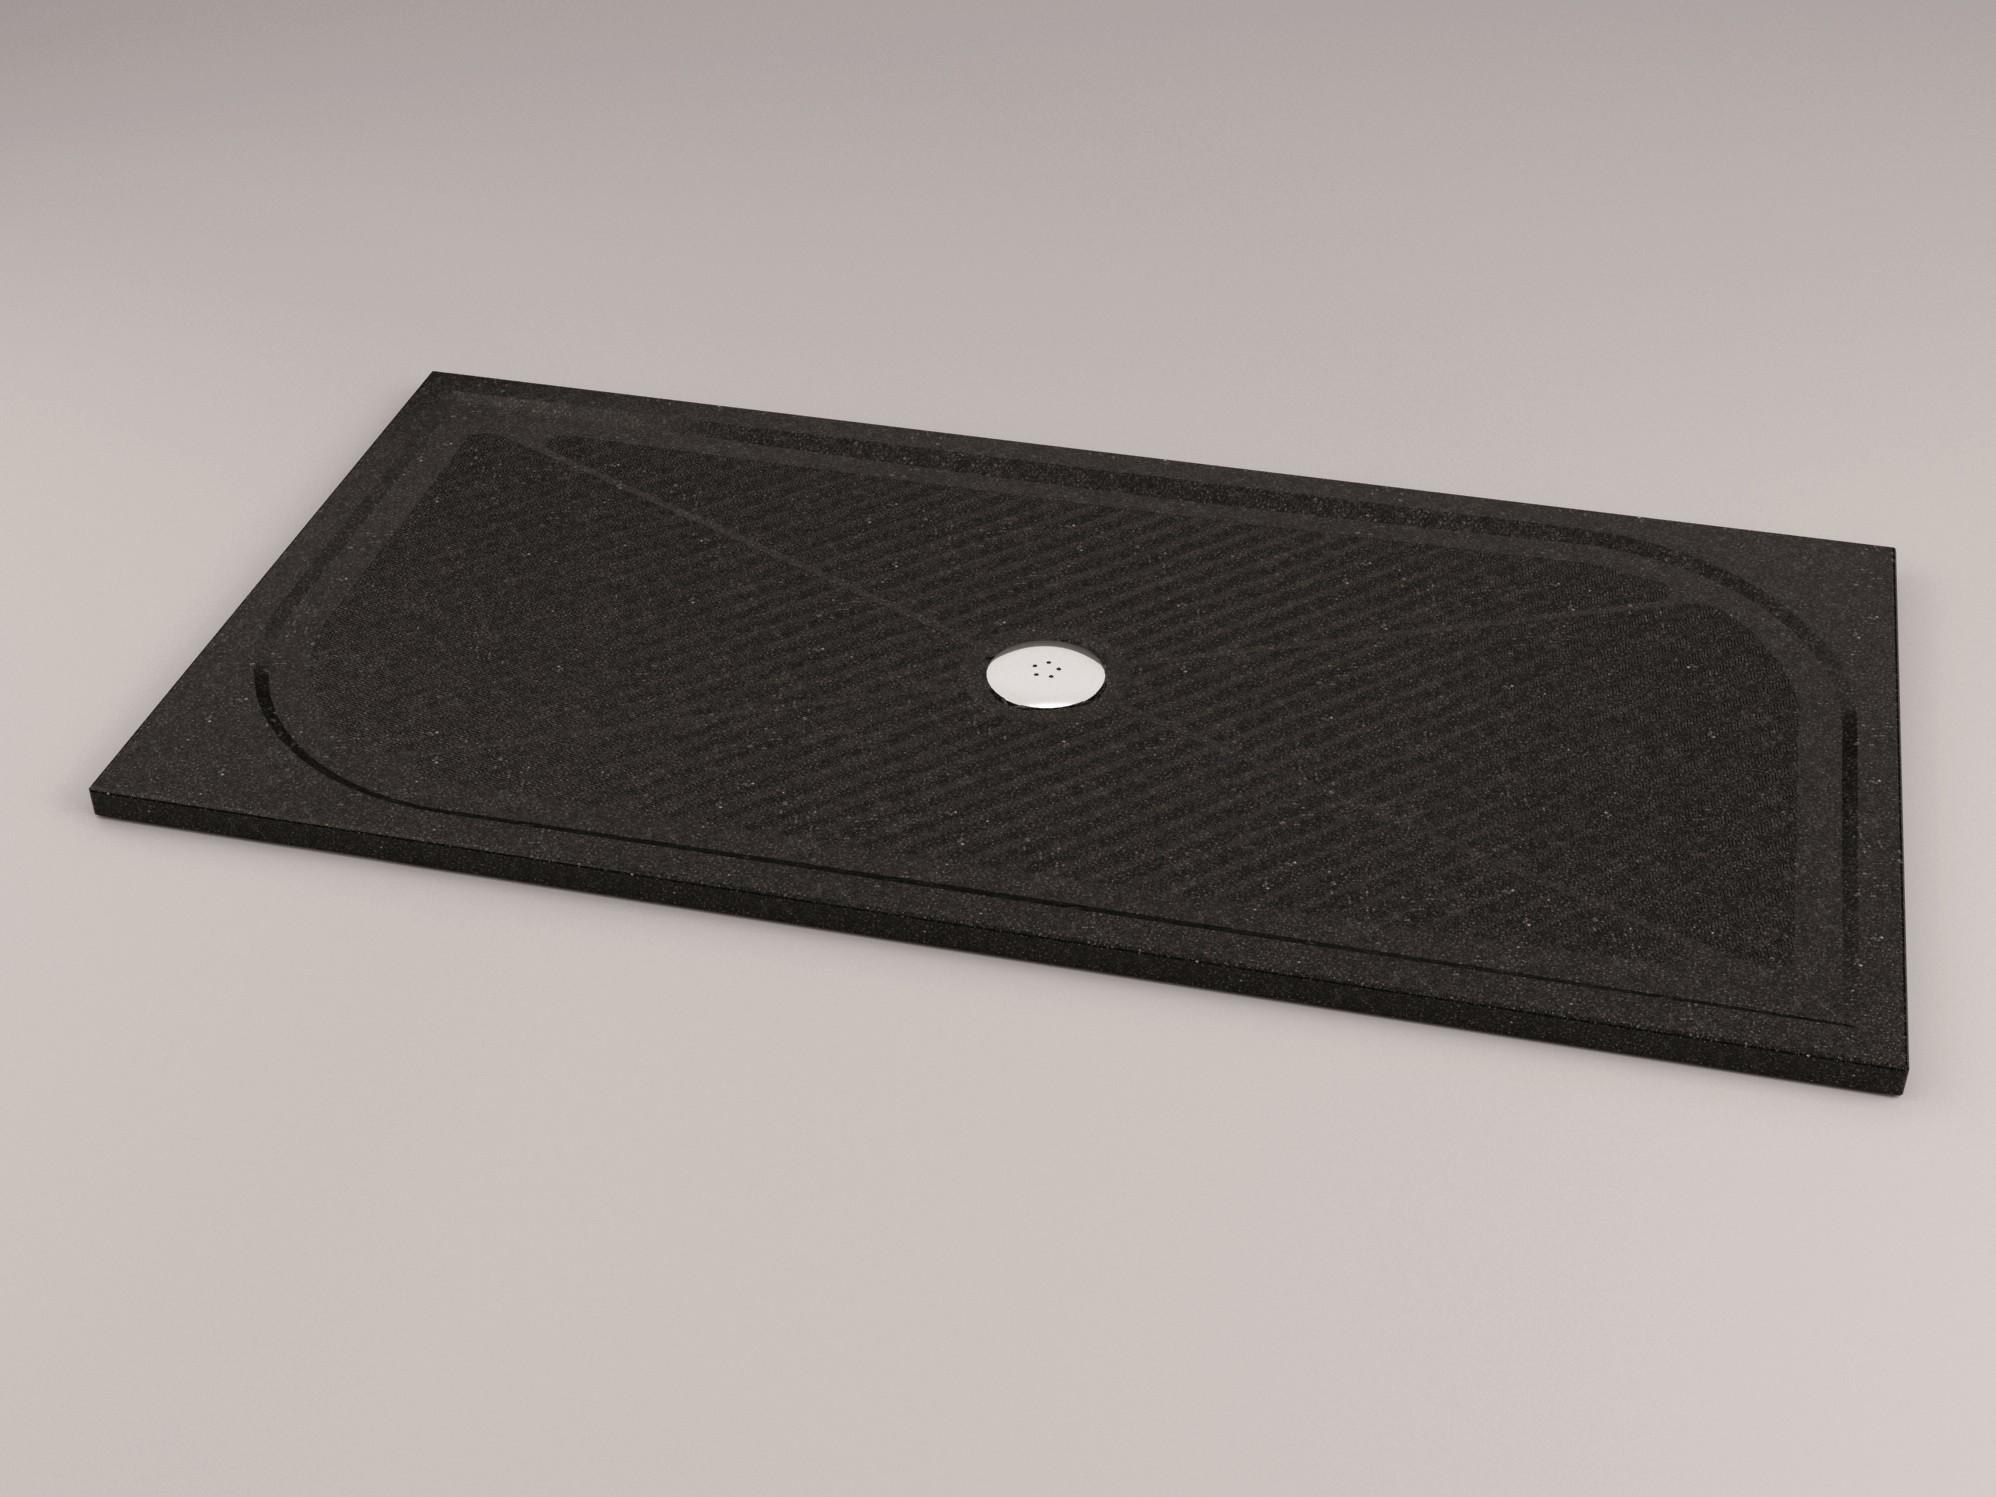 mineralguss duschwanne 140 x 80 x 1 5 cm duschwanne duschtasse rechteck rechteckduschwanne sch rze. Black Bedroom Furniture Sets. Home Design Ideas